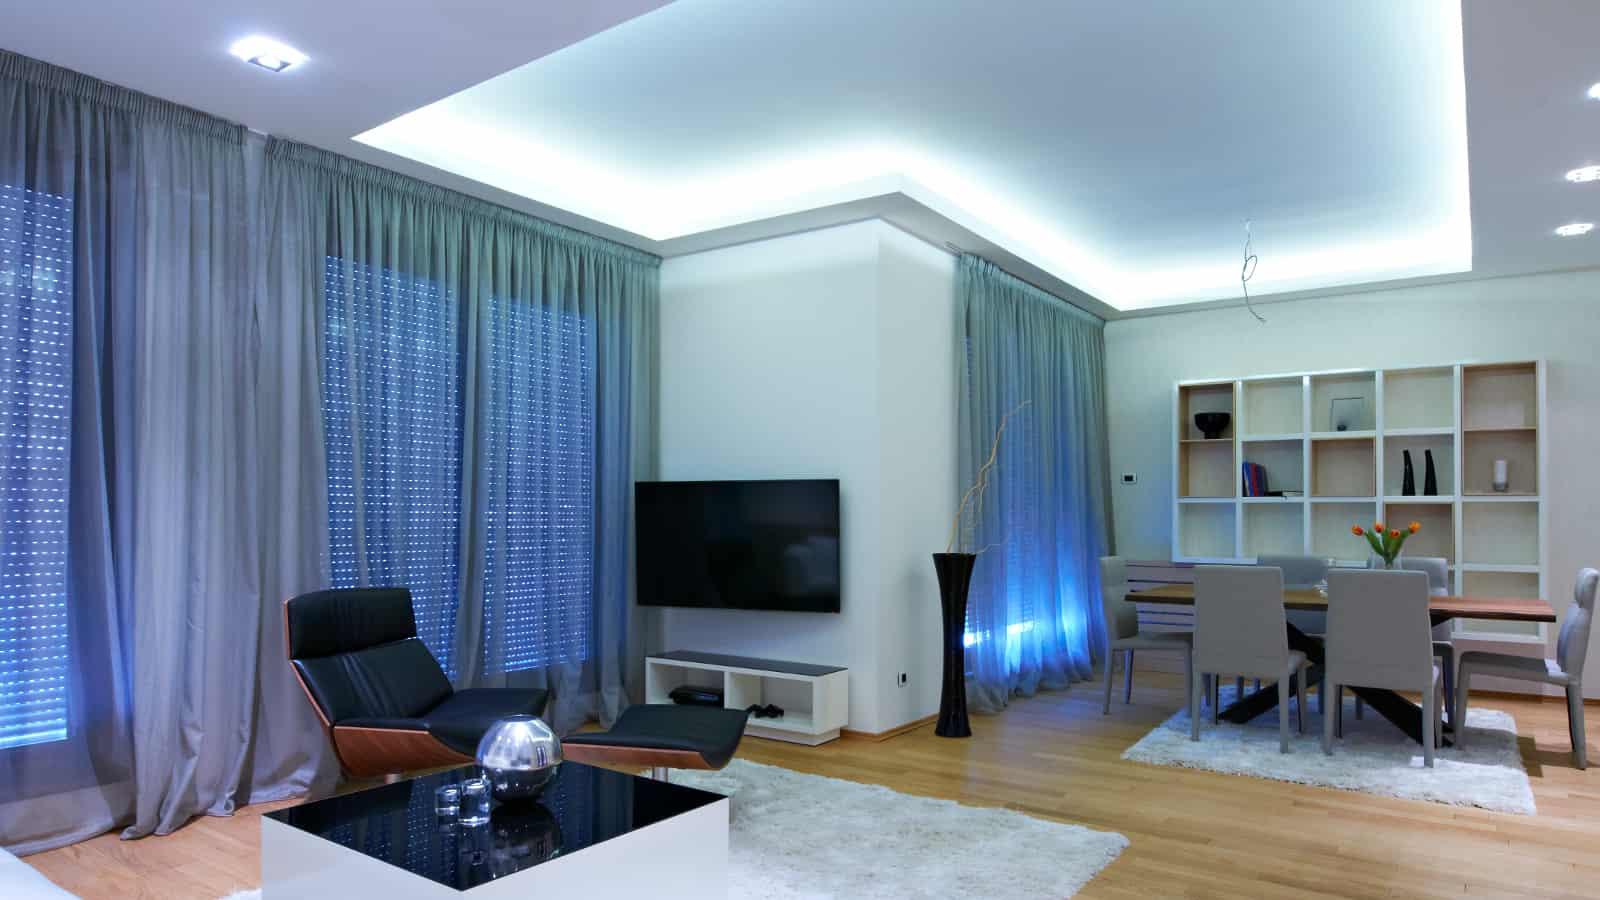 Full Size of Wohnzimmer Indirekte Beleuchtung Indirektes Licht Ideen Gardine Lampen Liege Deckenleuchten Hängeschrank Led Küche Bad Vorhänge Stehlampe Teppiche Schrank Wohnzimmer Wohnzimmer Indirekte Beleuchtung